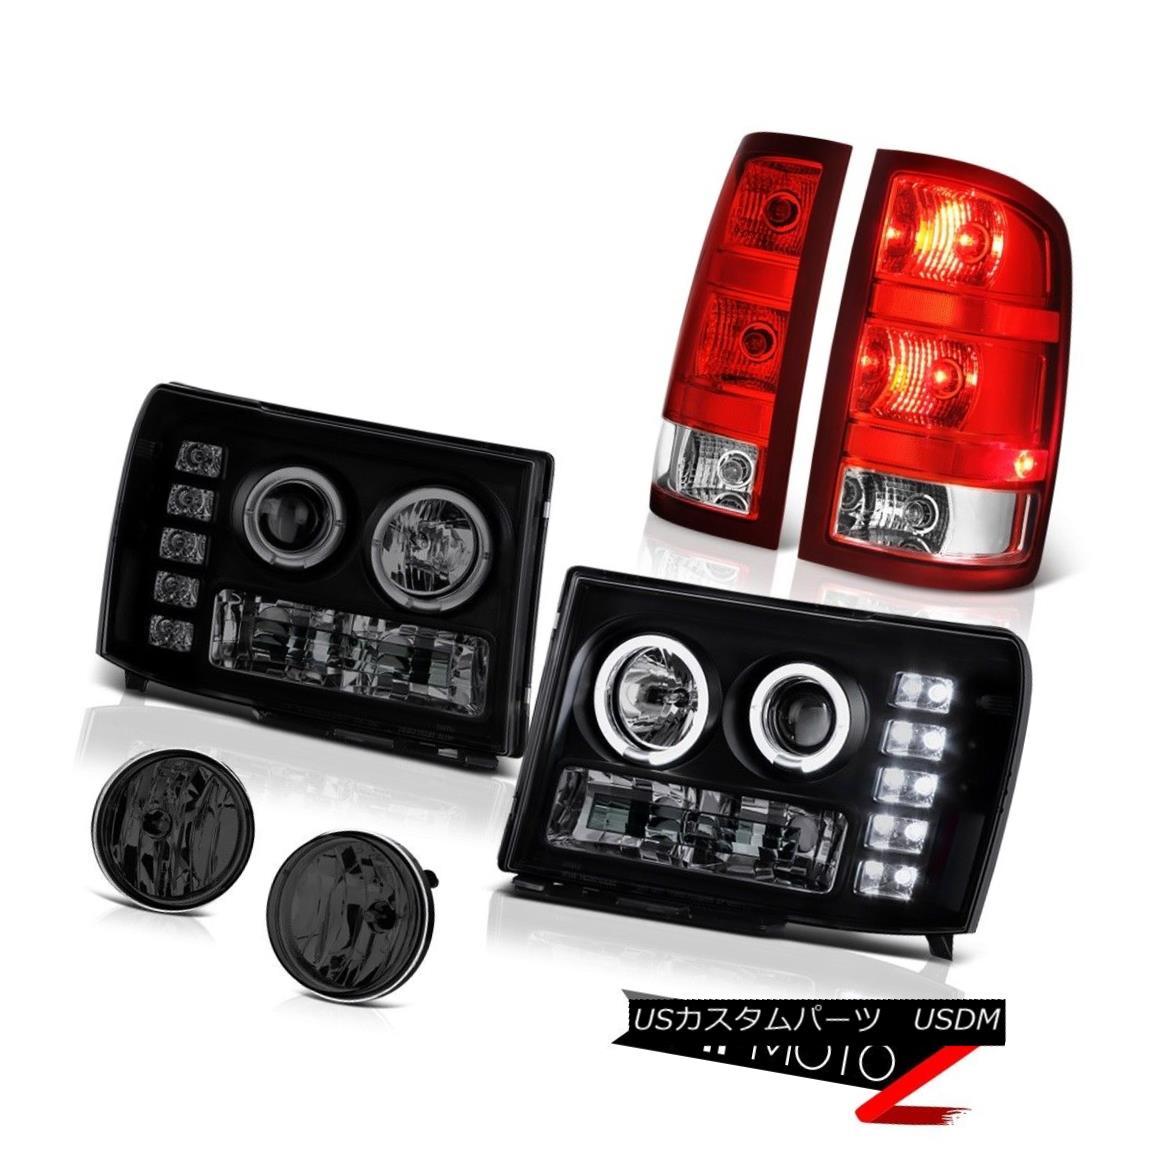 テールライト 2008-2014 Sierra 3500 Denali Smokey Fog Lamps Taillights Headlights Replacement 2008年?2014年シエラ3500デナリスモーキーフォグランプ灯台ヘッドライト交換